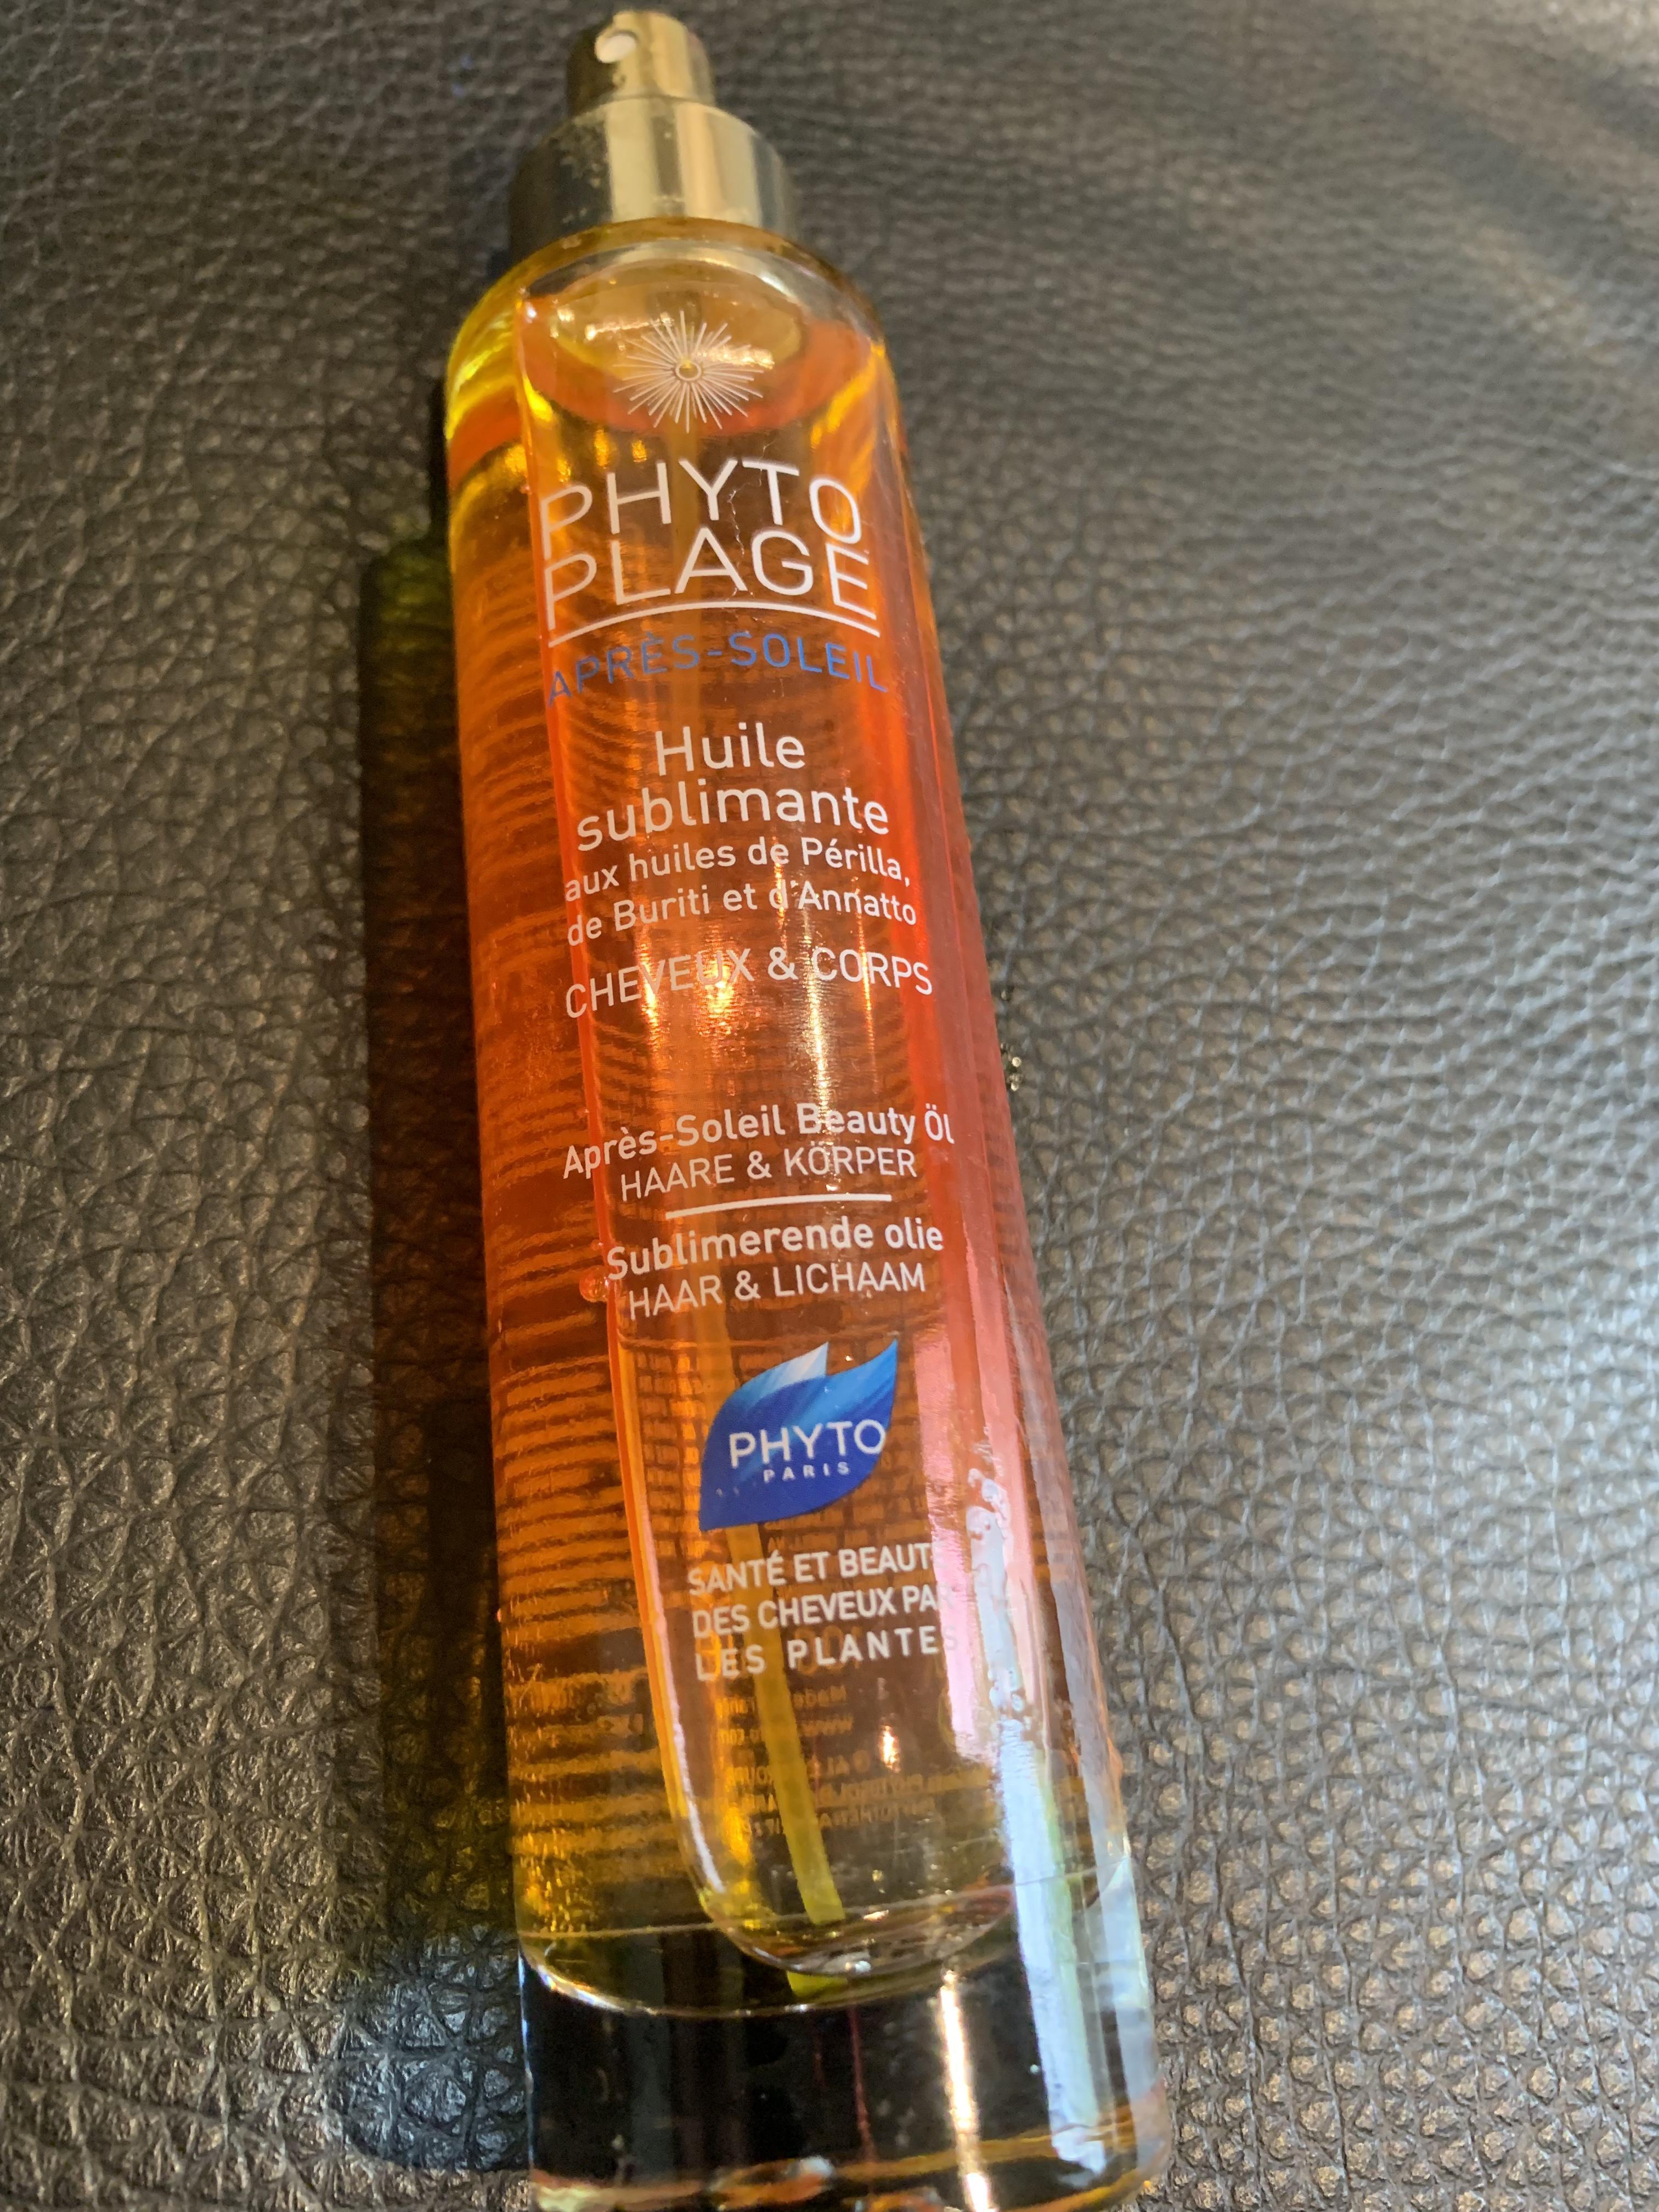 troc de troc huile phytoplage ( plage ou piscine) image 0